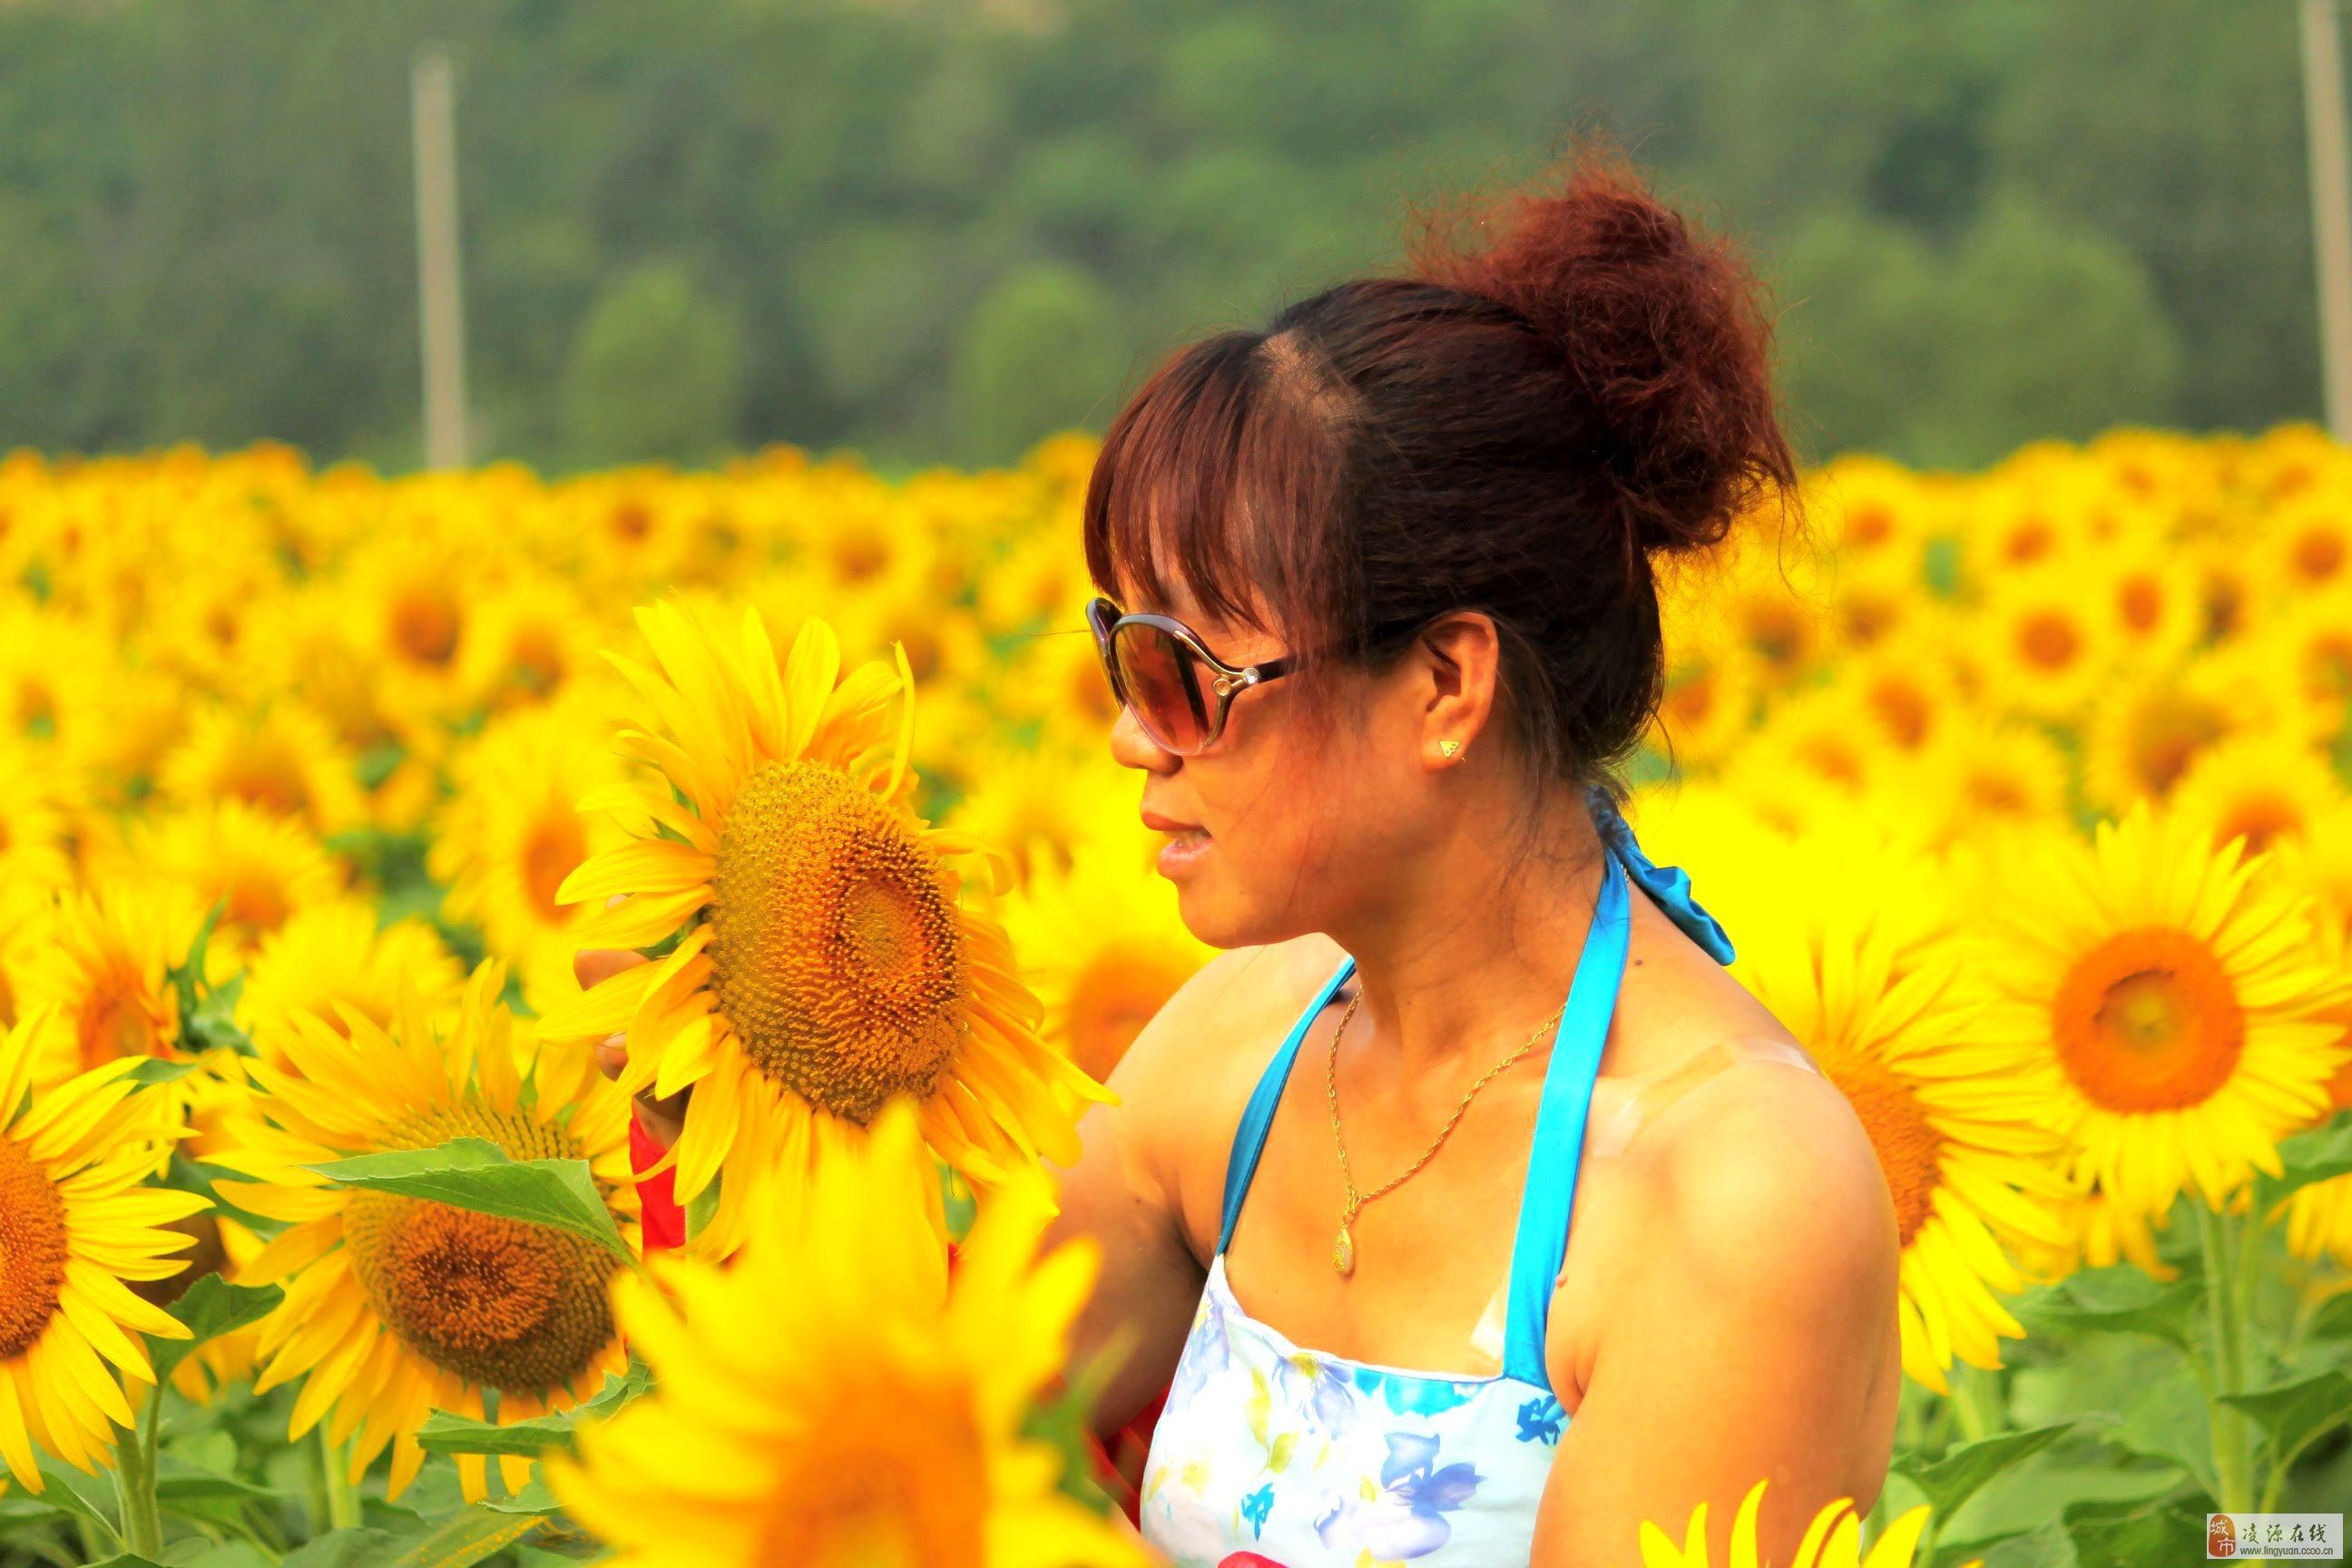 森淼百亩向阳花开,美女帅哥纷至沓来